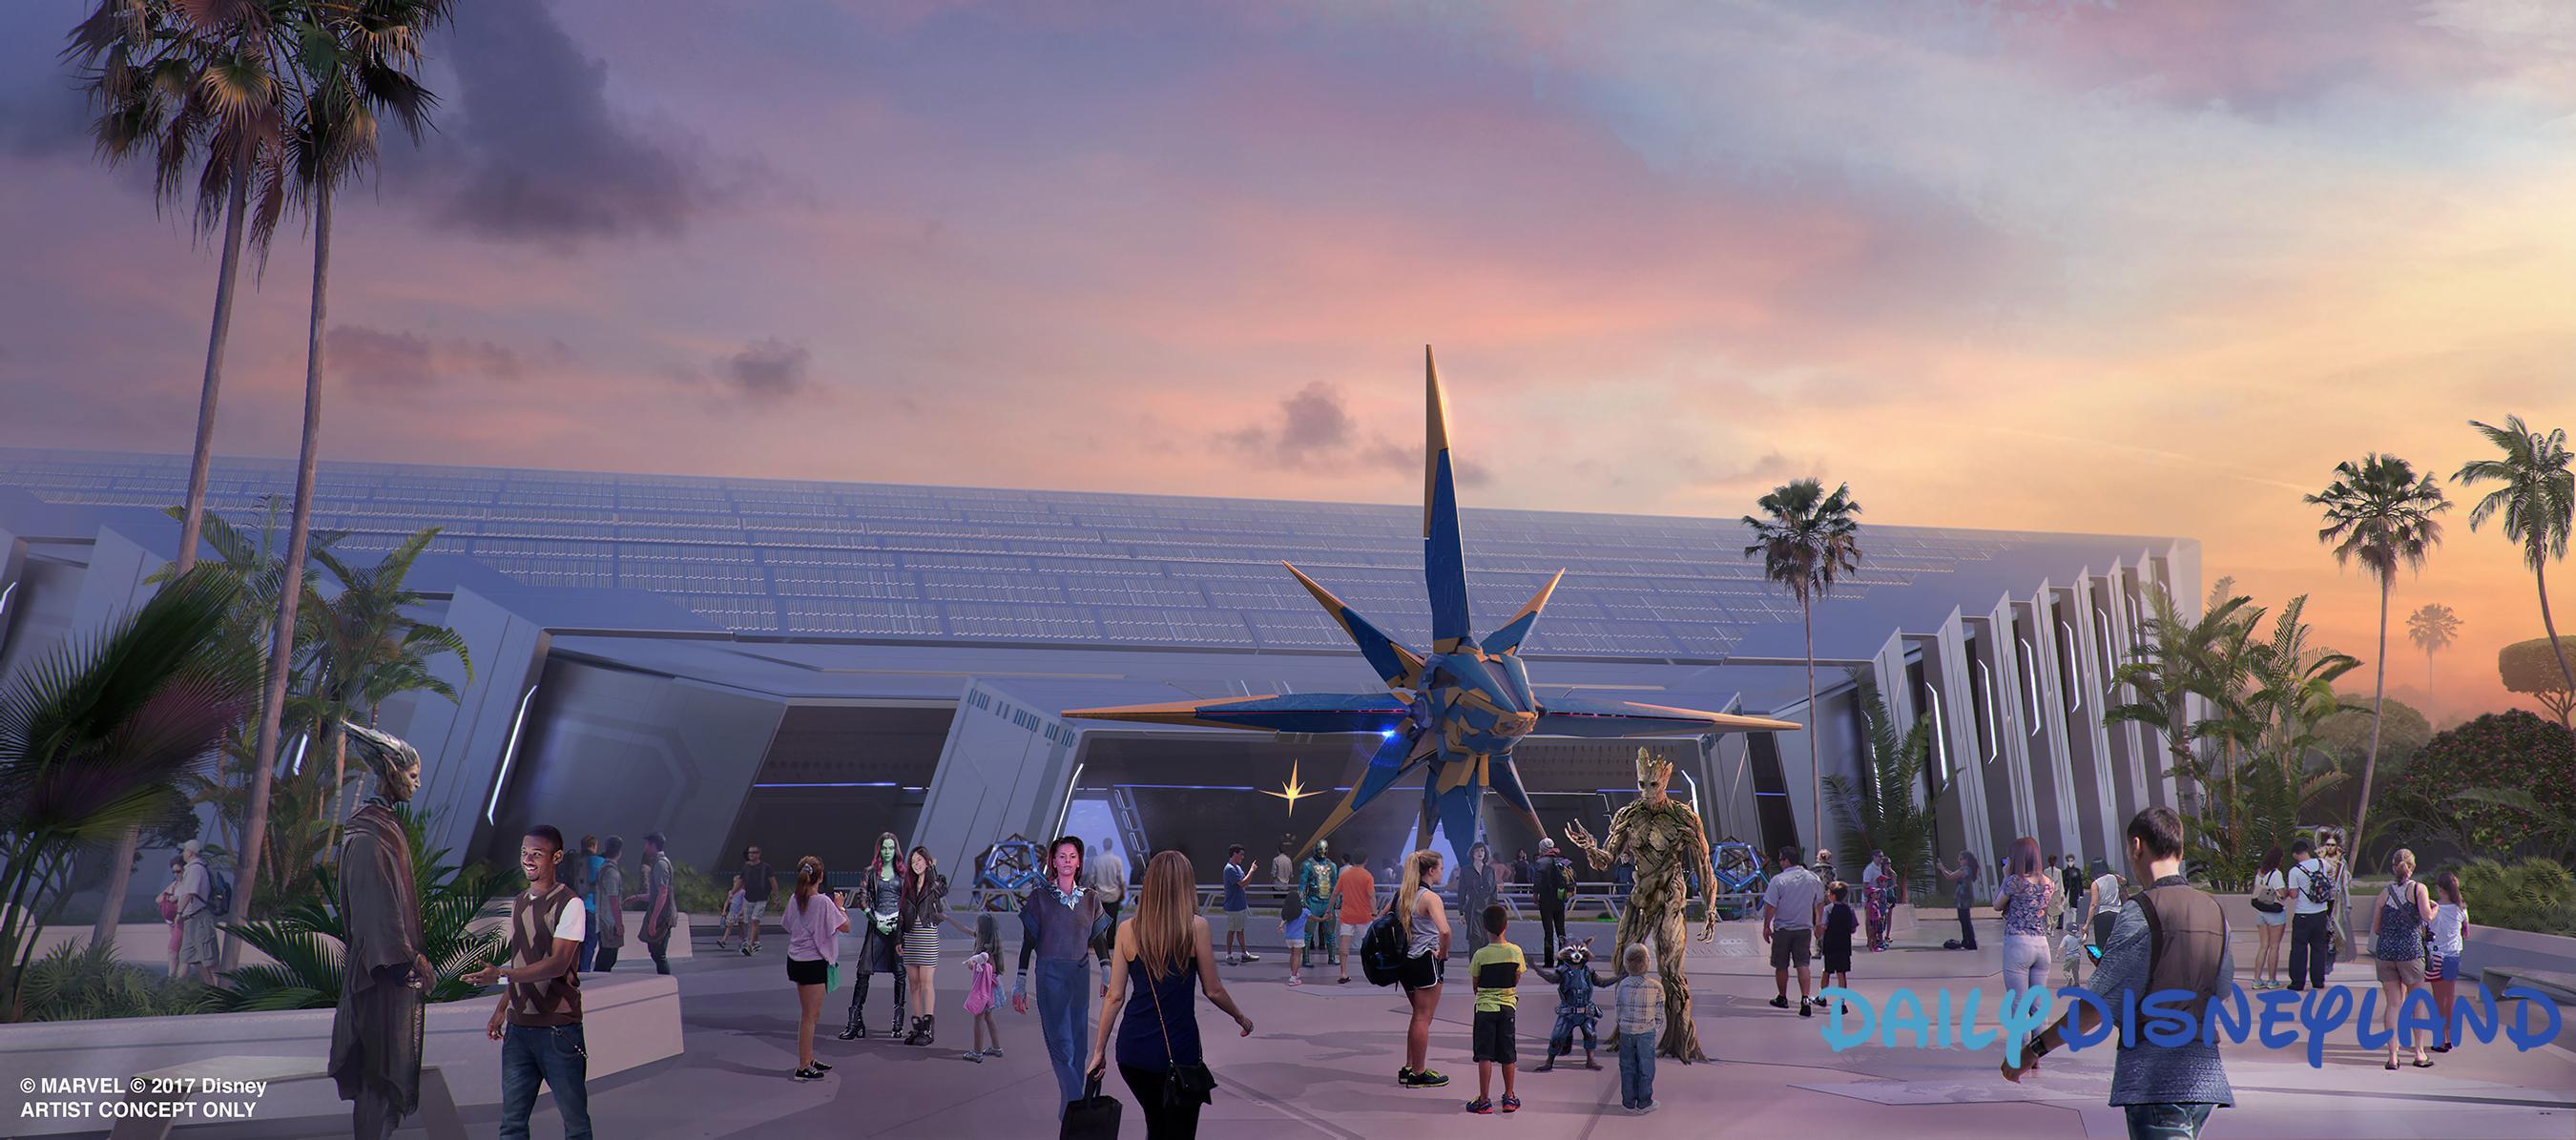 L'attraction des Gardiens de la Galaxie d'Epcot, concept-art